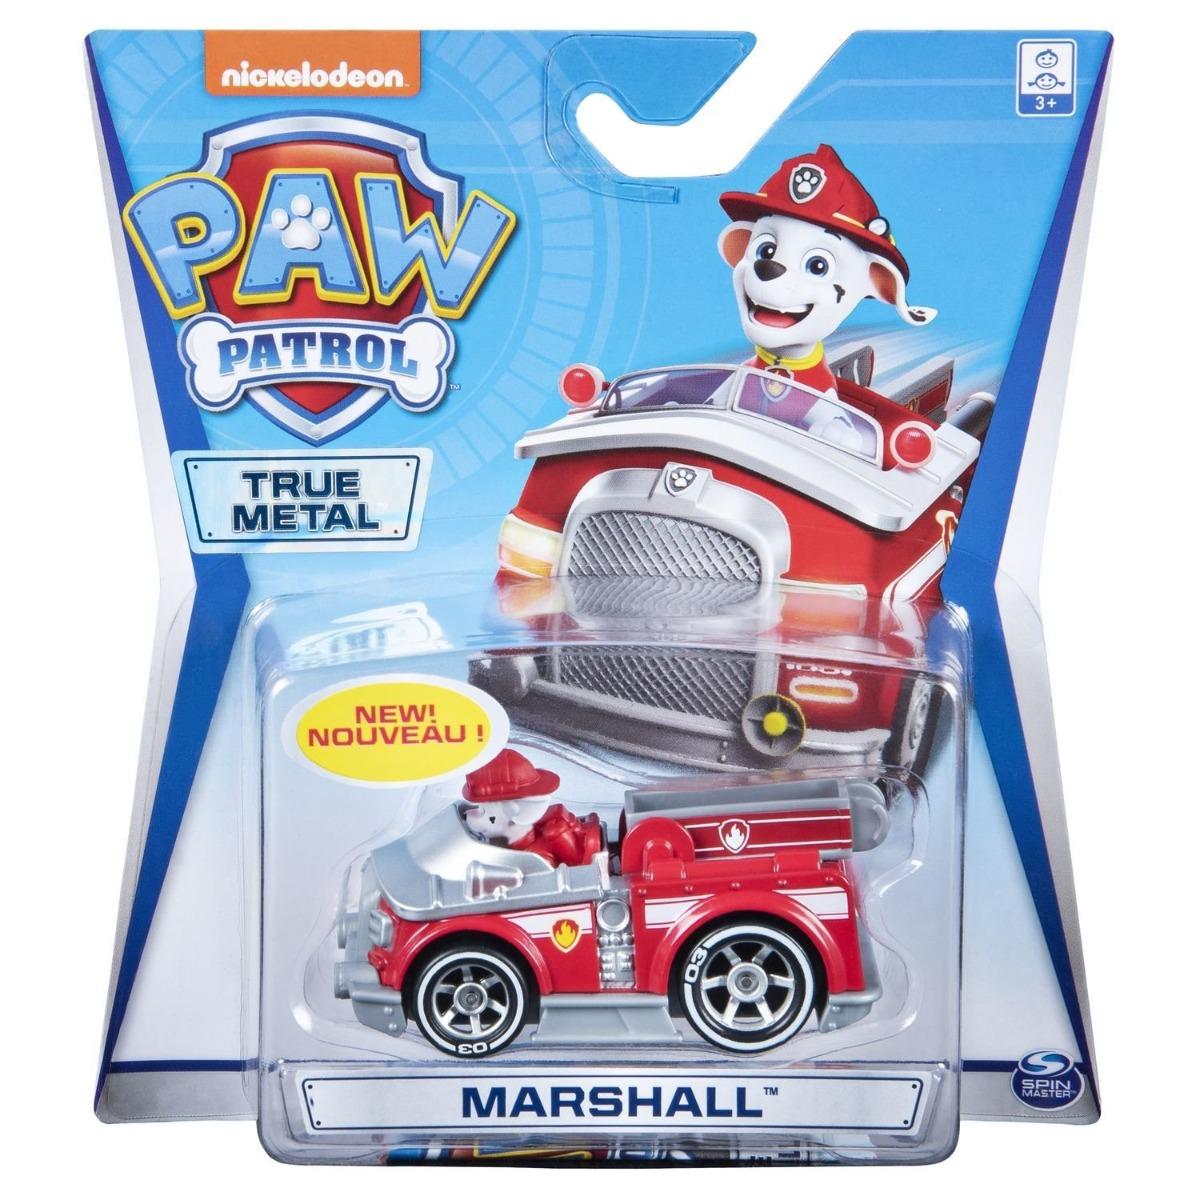 Masinuta cu figurina Paw Patrol True Metal, Marshall 20115875